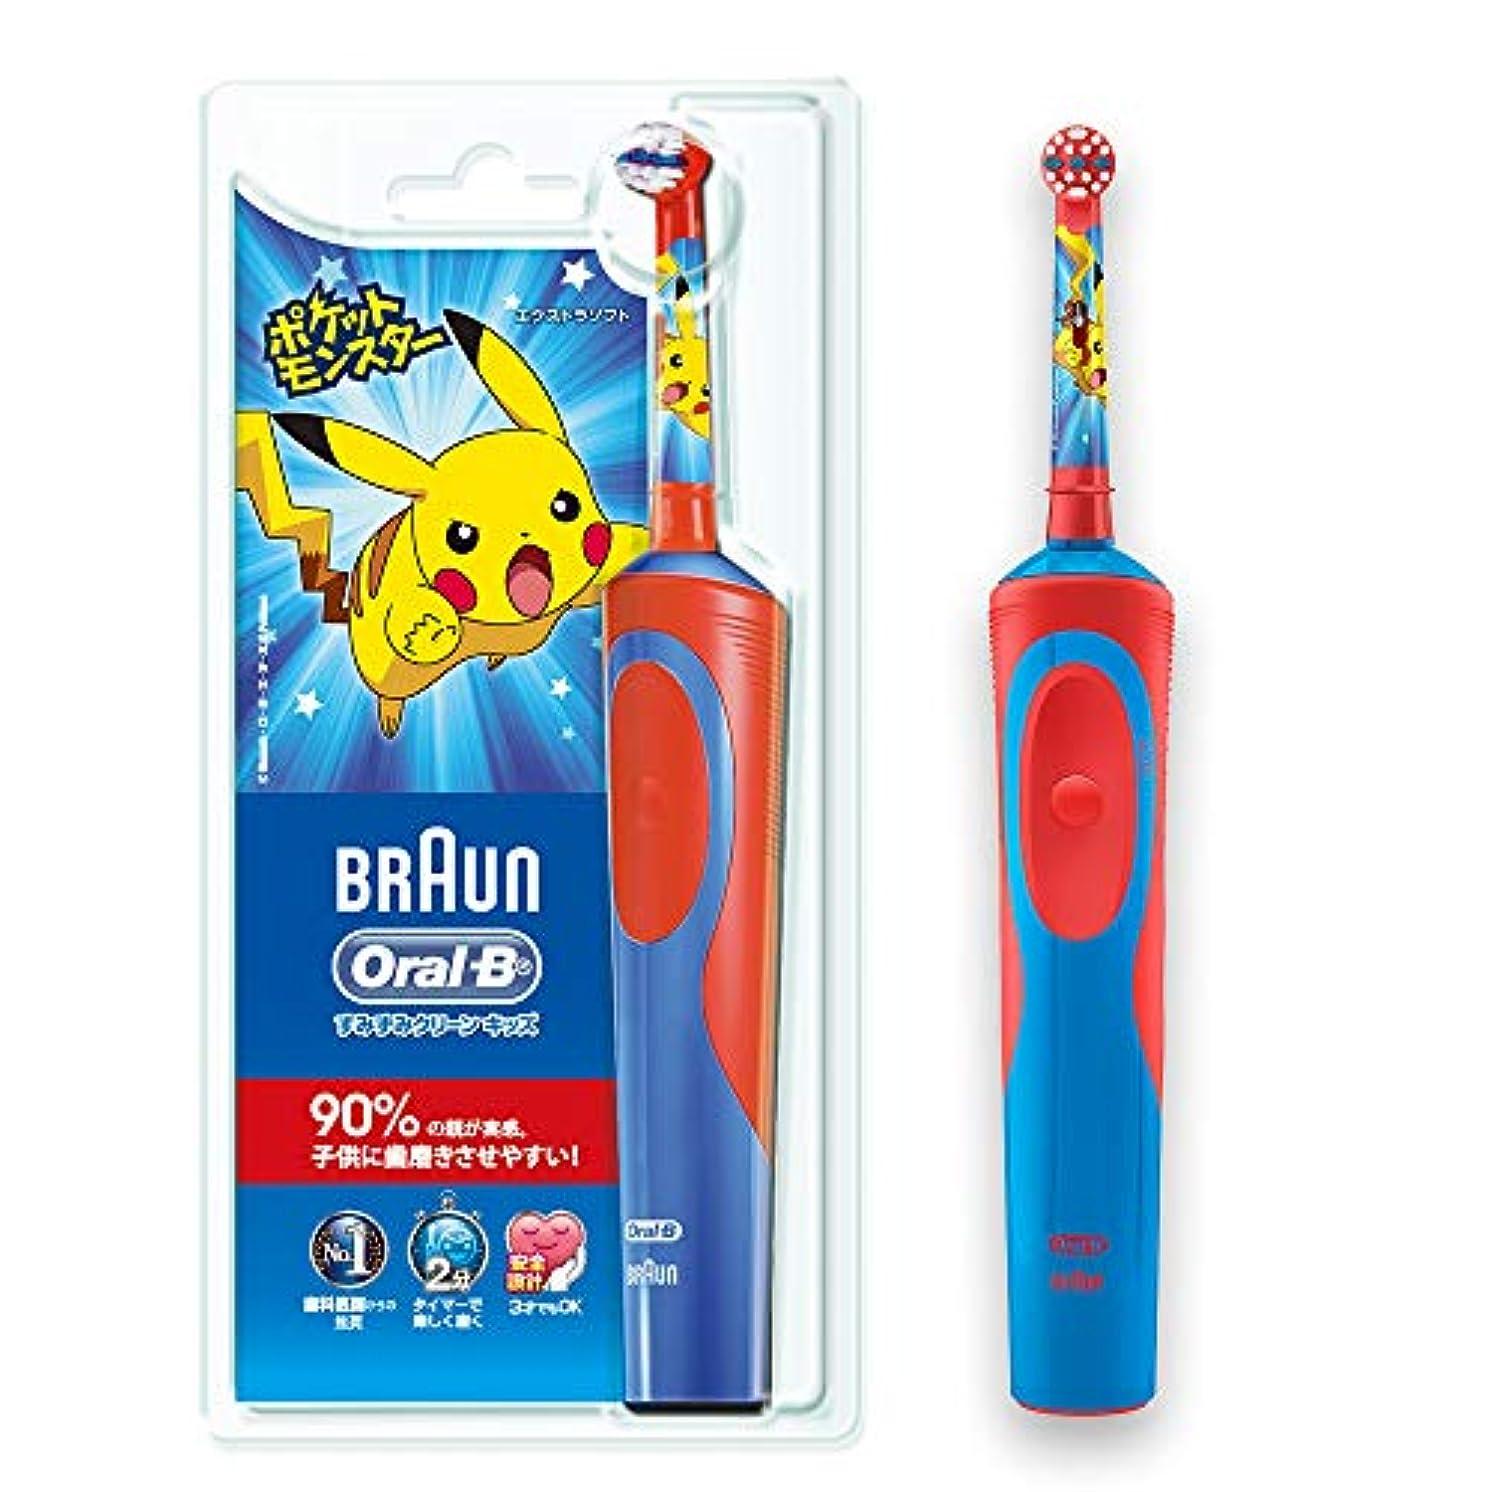 普遍的な居間職業ブラウン オーラルB 電動歯ブラシ 子供用 D12513KPKMB すみずみクリーンキッズ 本体 レッド ポケモン 歯ブラシ